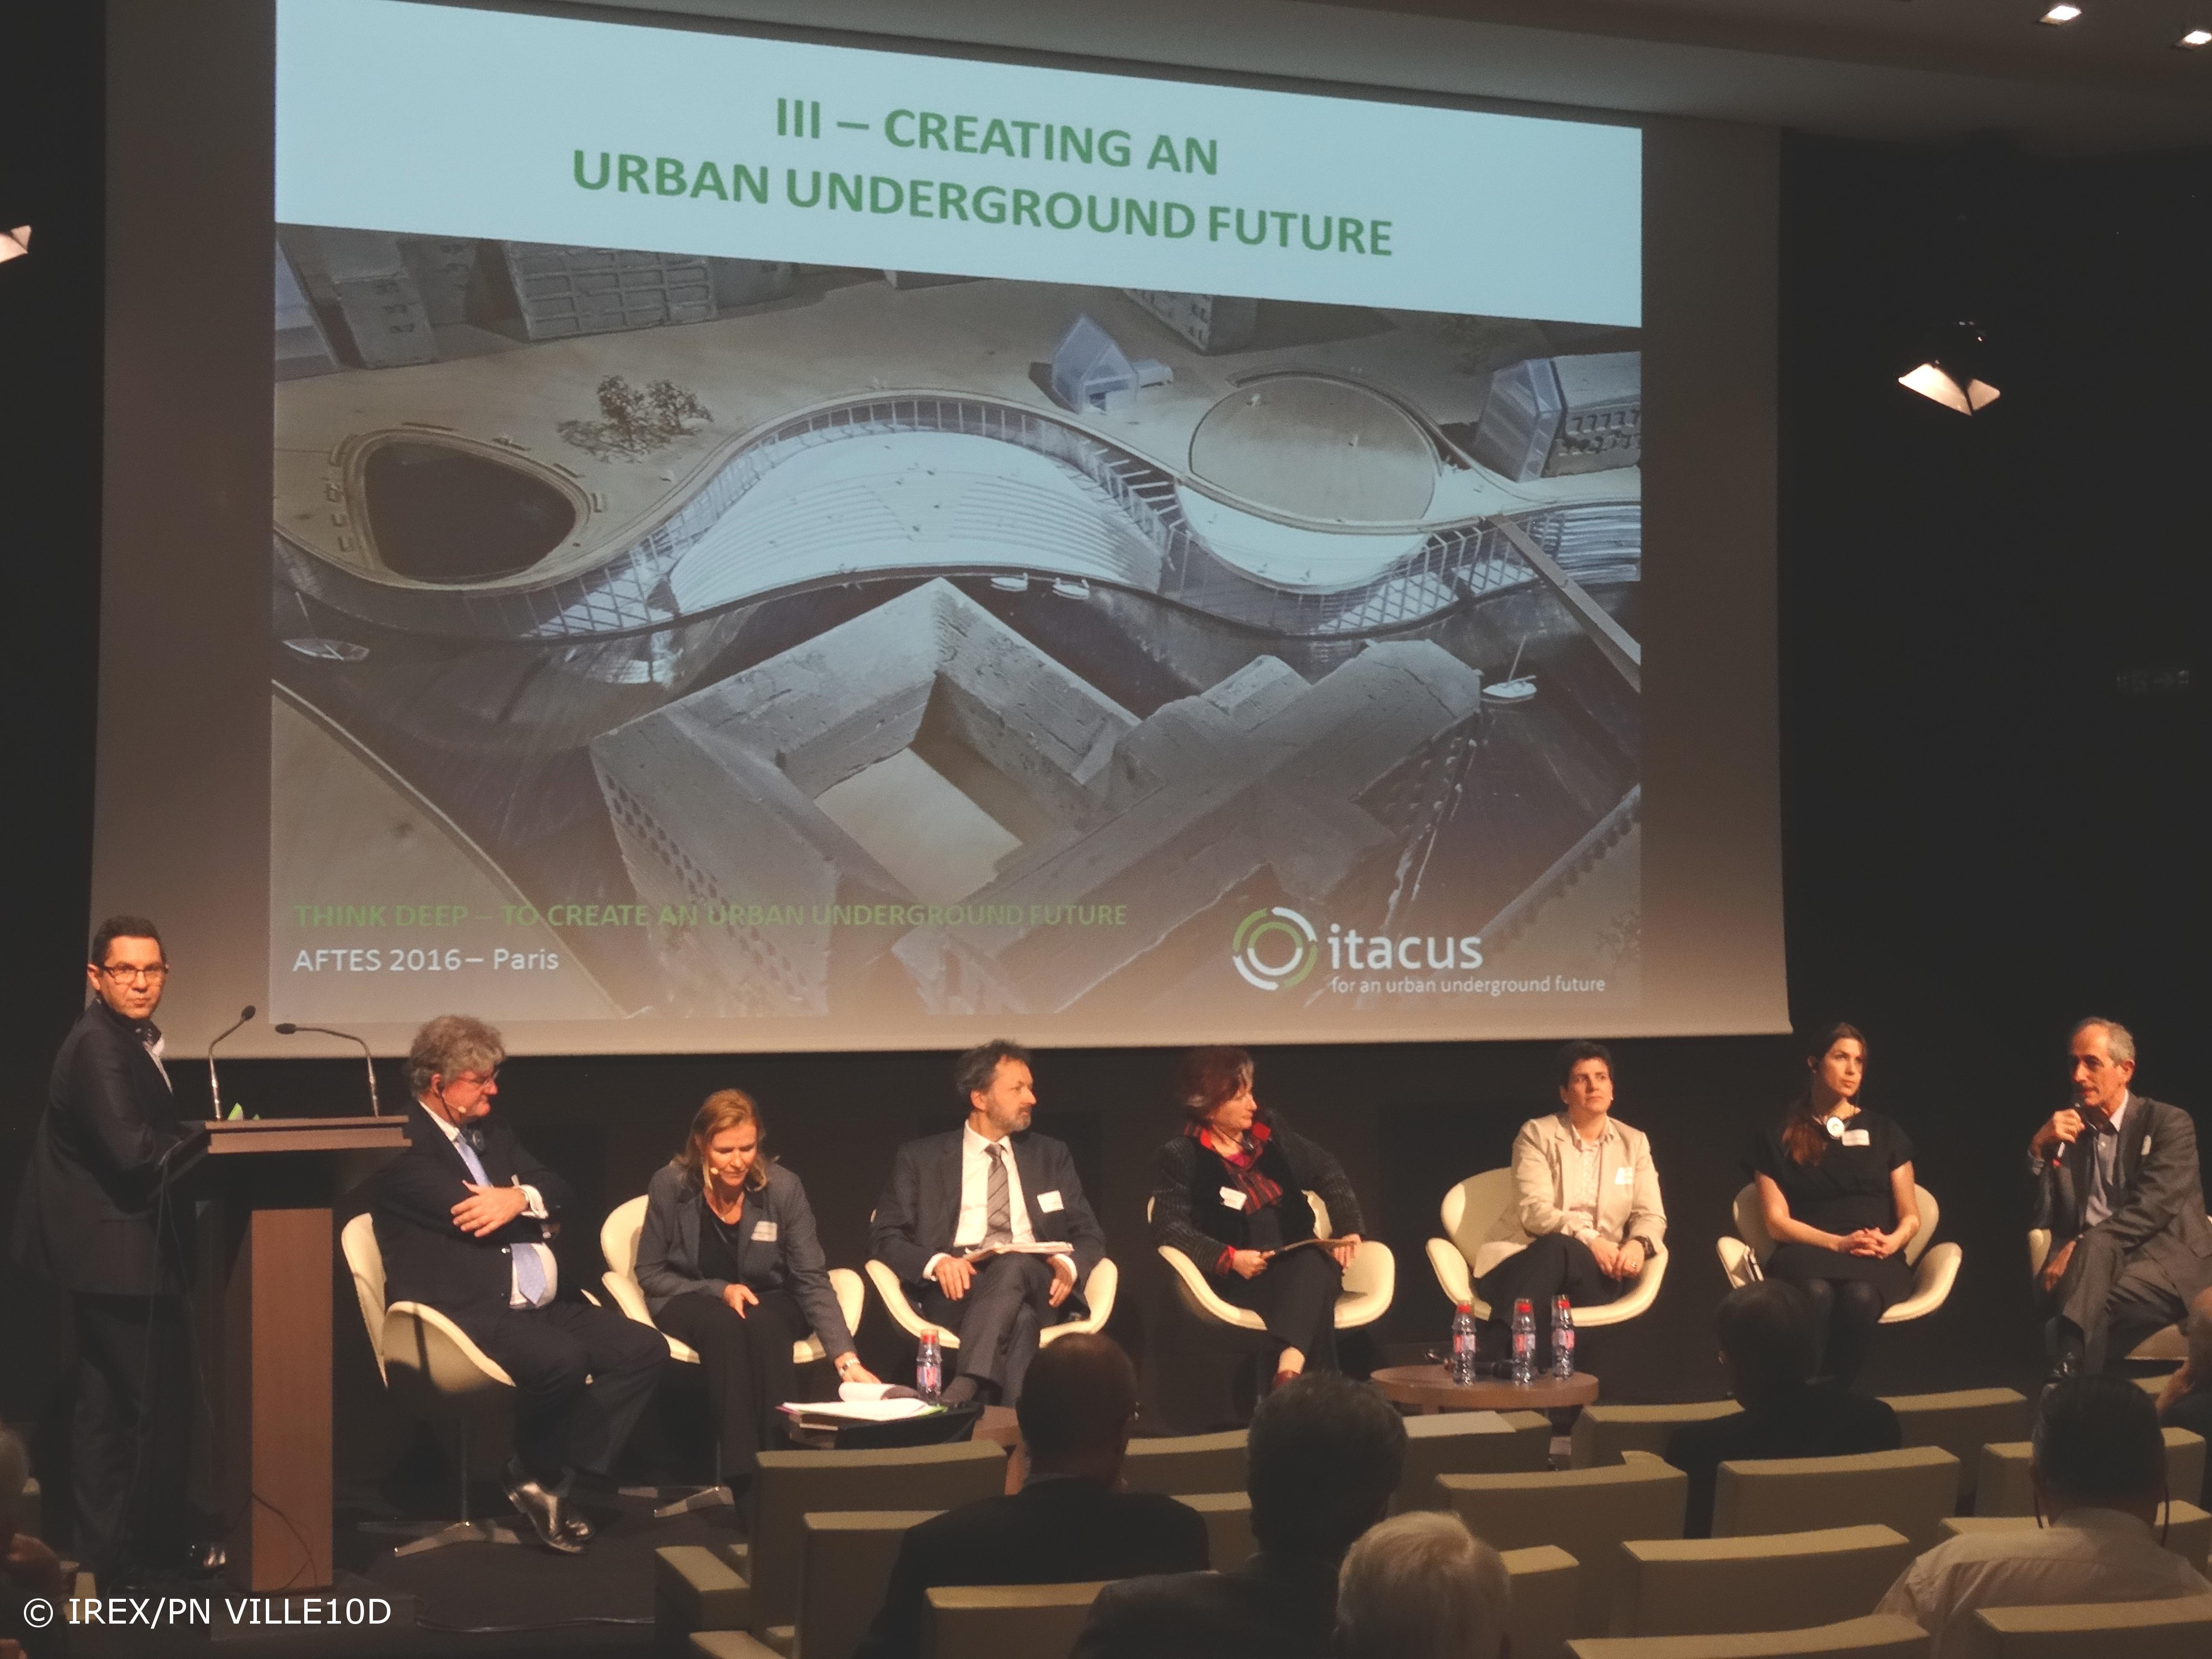 Journée d'échanges : Penser la ville avec son sous-sol - supports de présentation